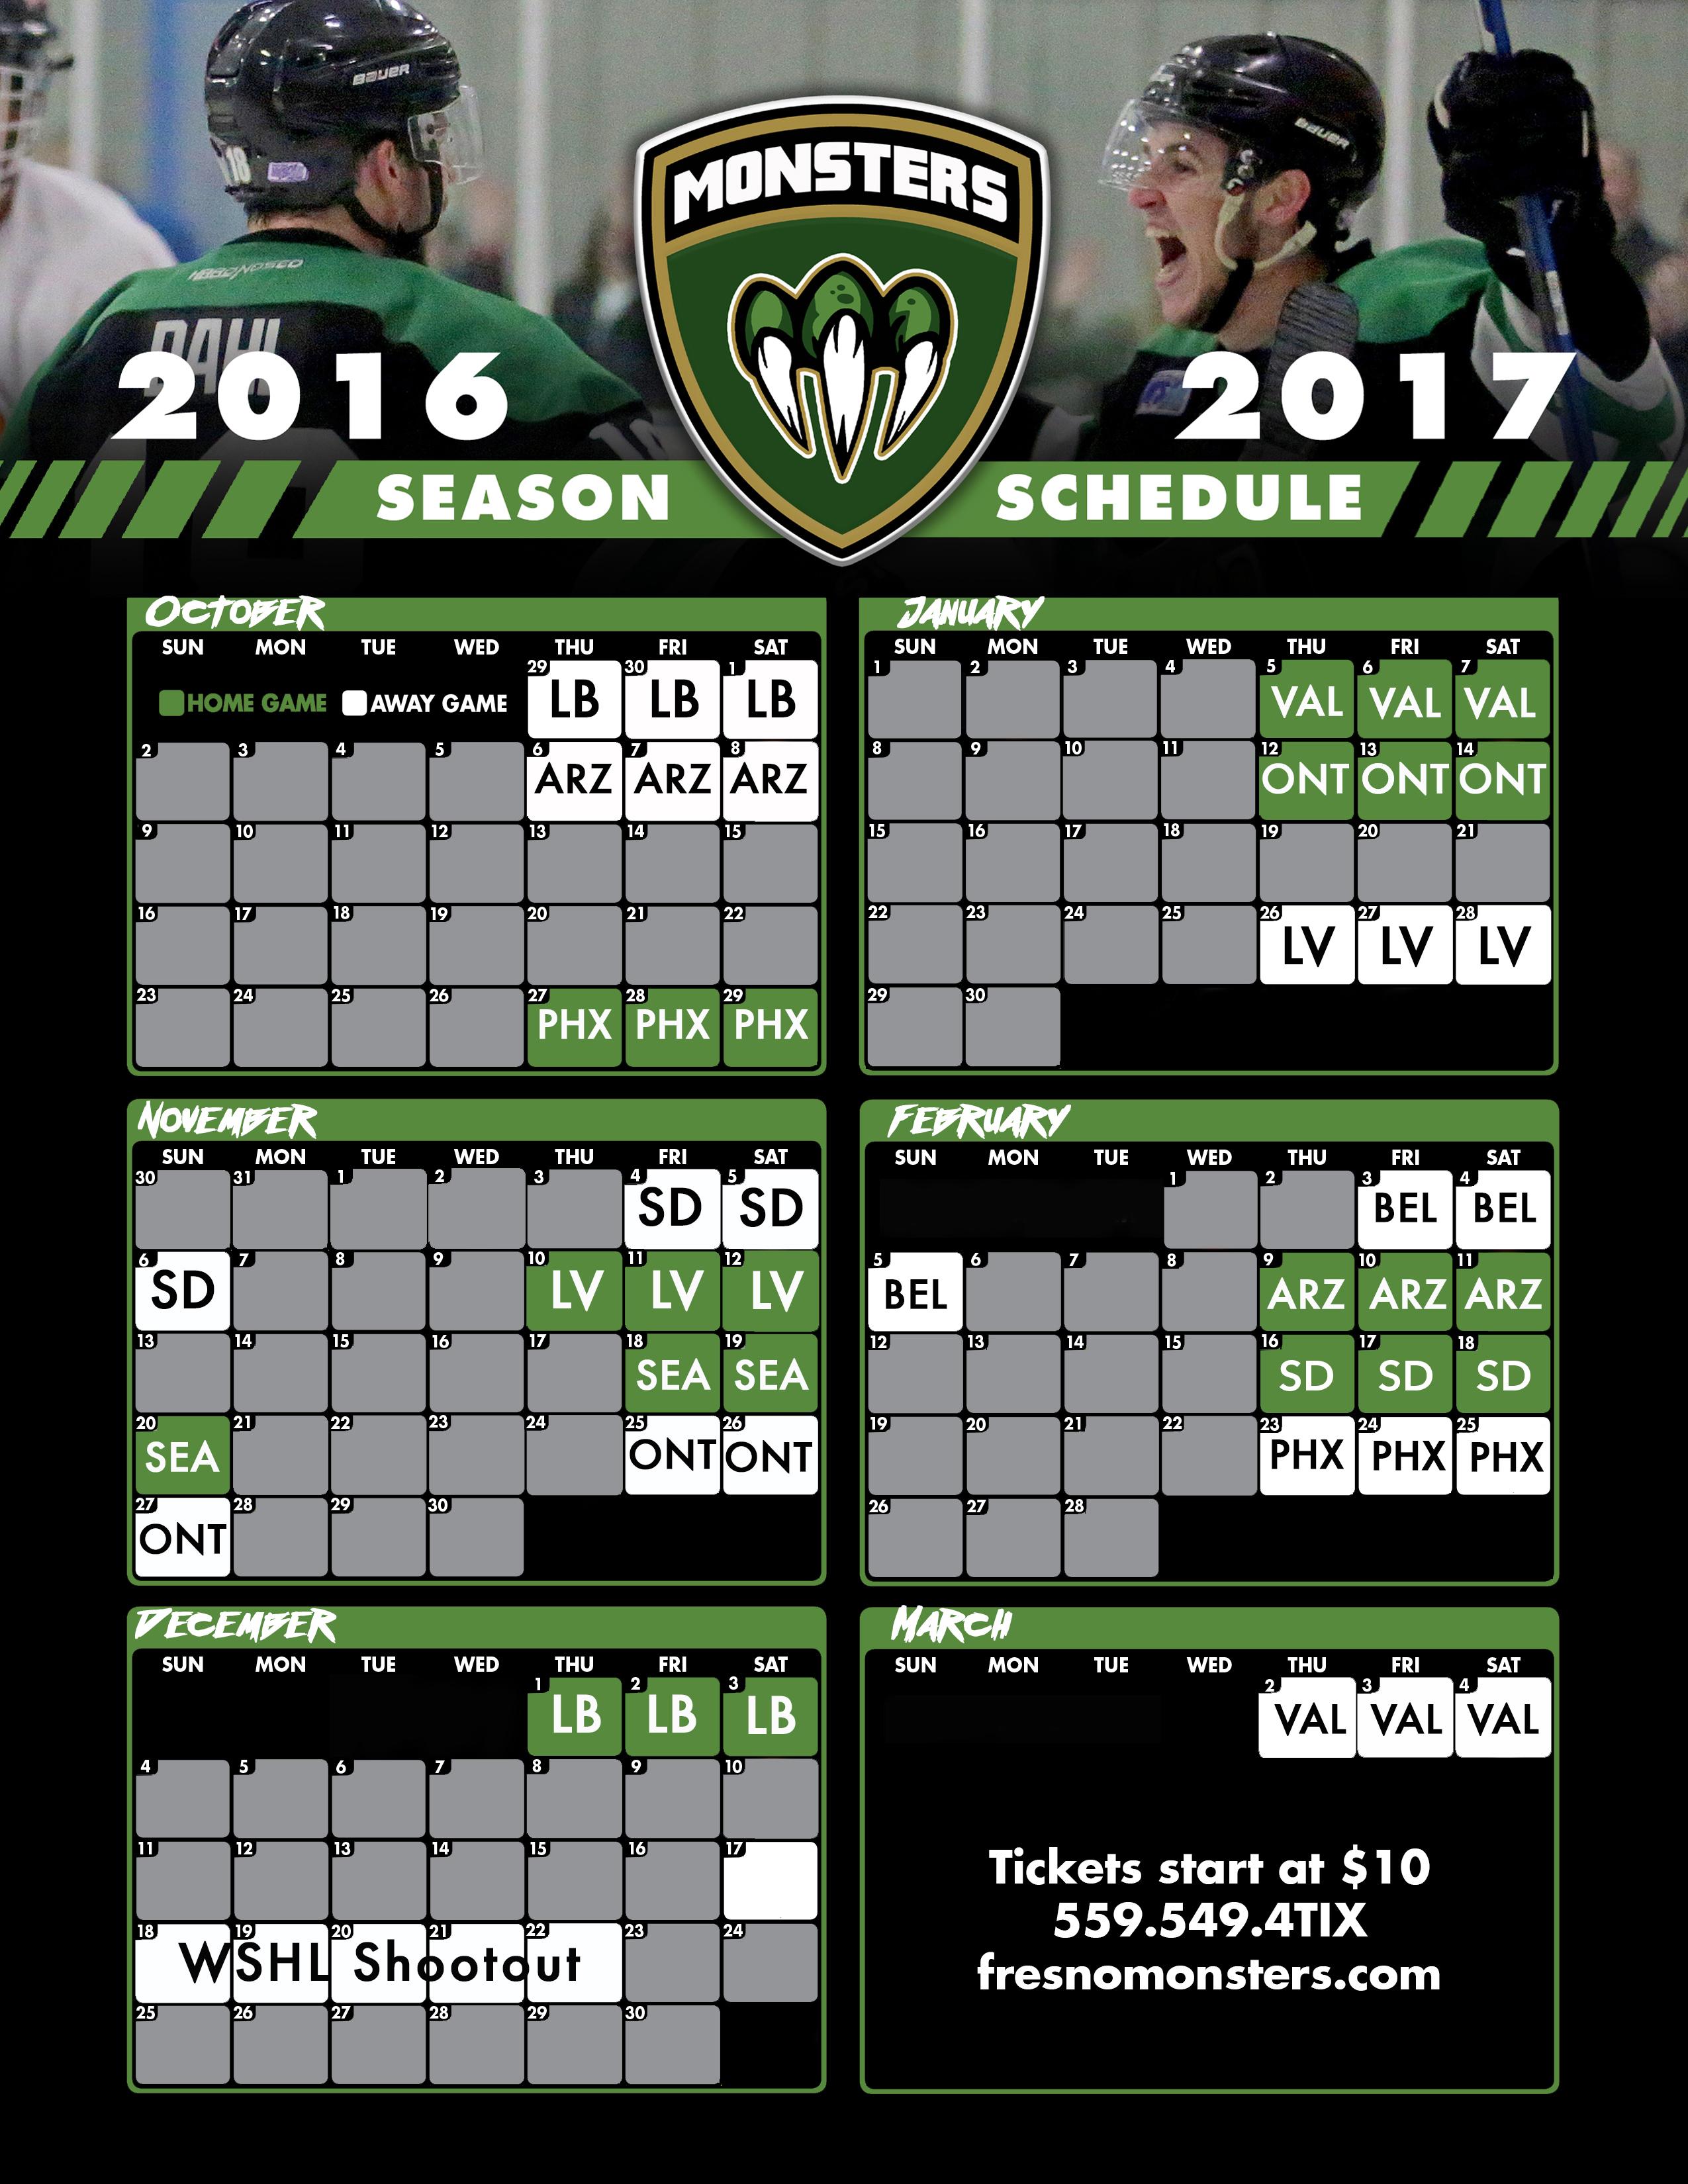 monsters-printable-schedule-2016-17